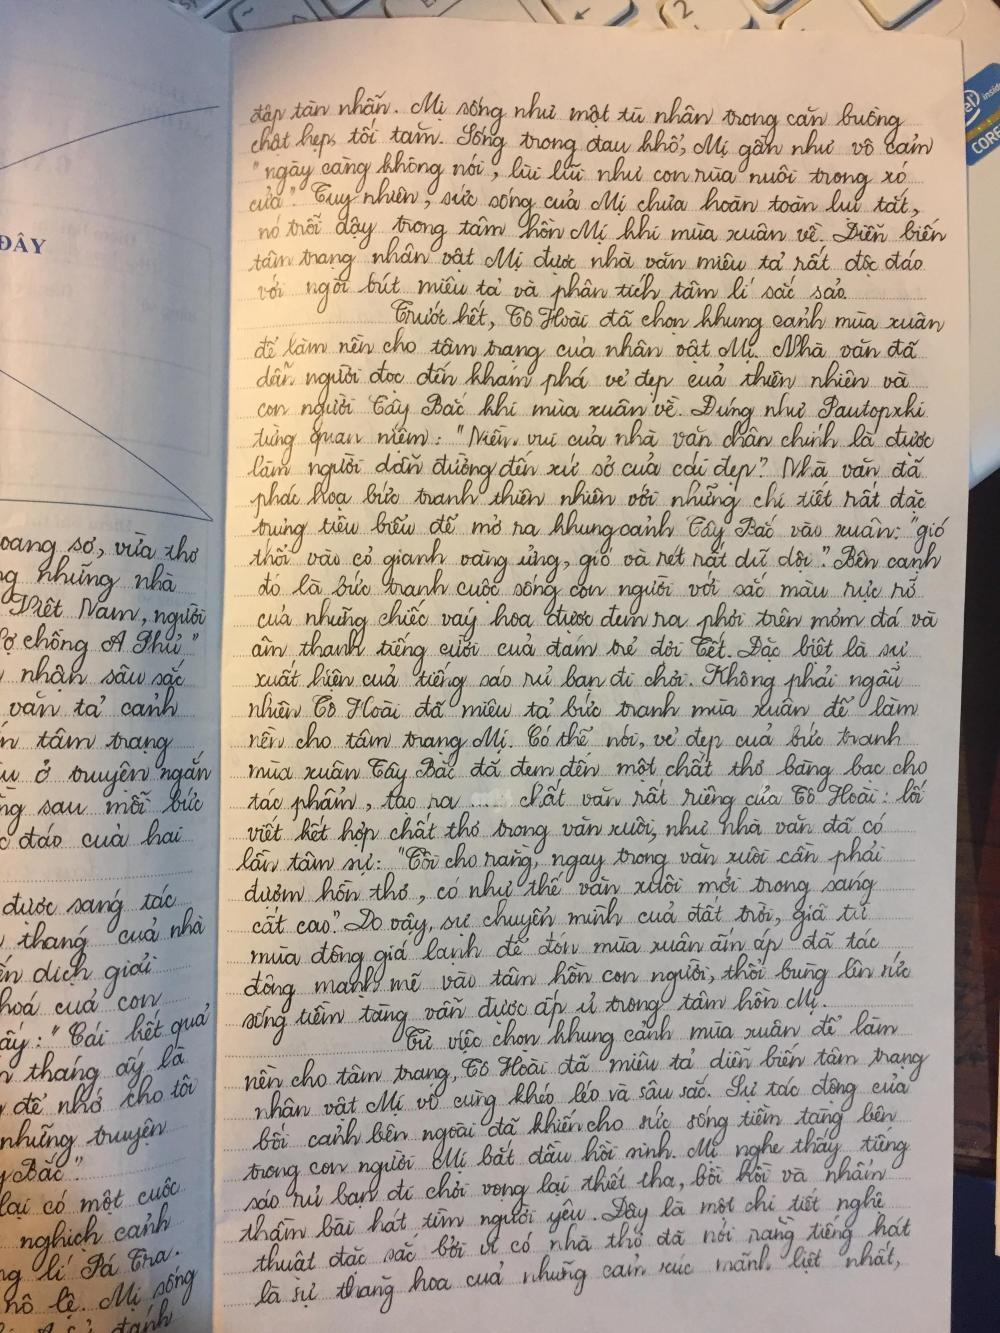 Cậu bạn này có chữ viết đẹp hơn cả con gái